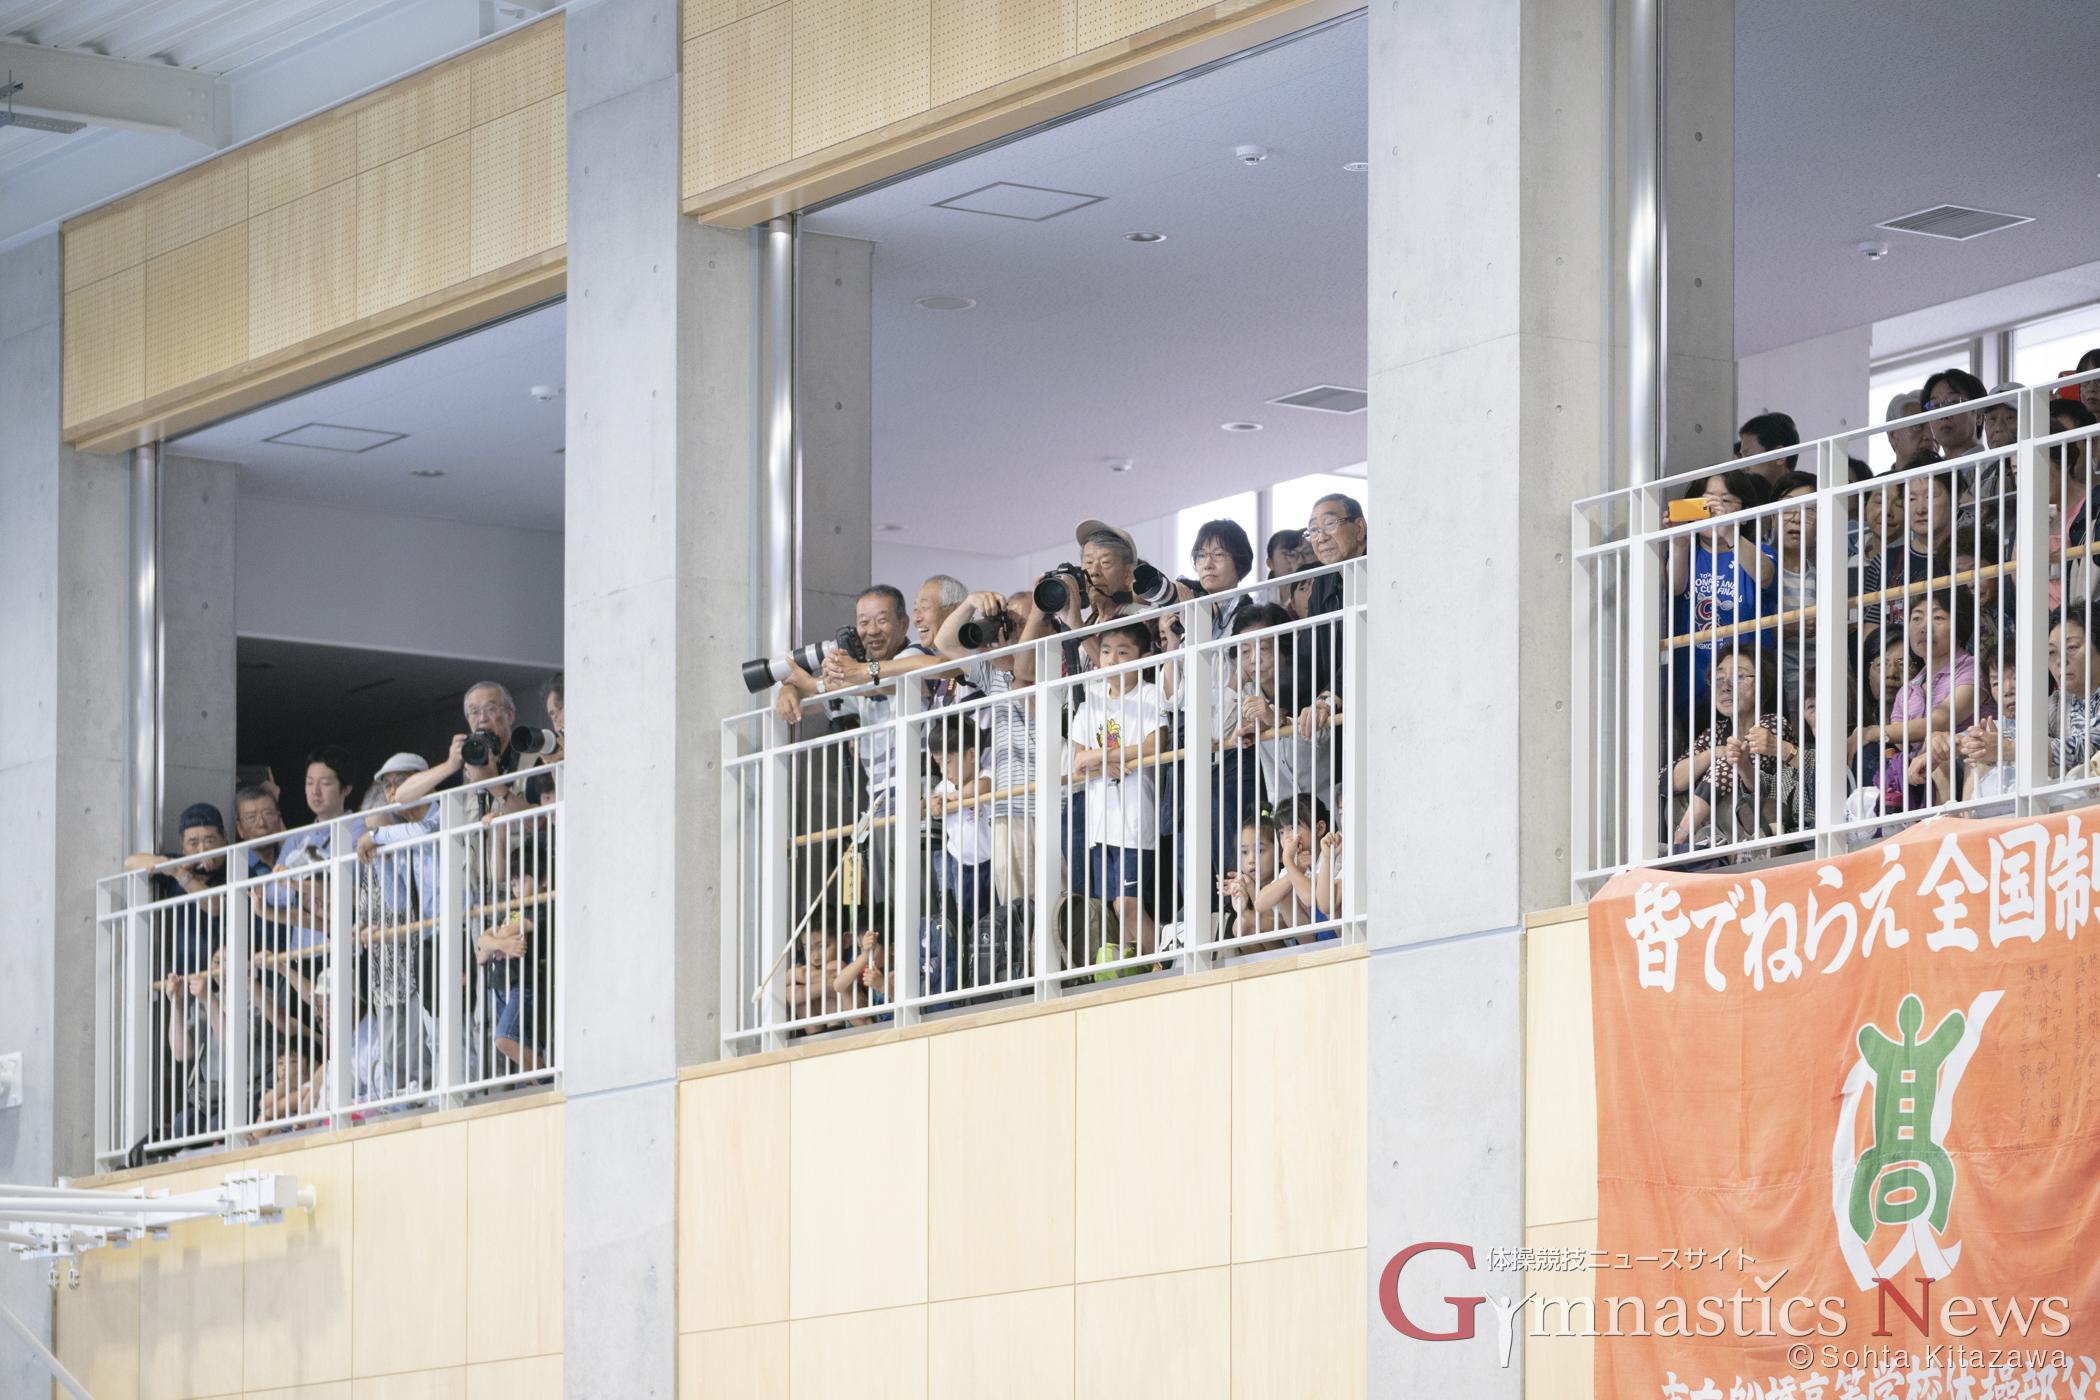 集まった観客